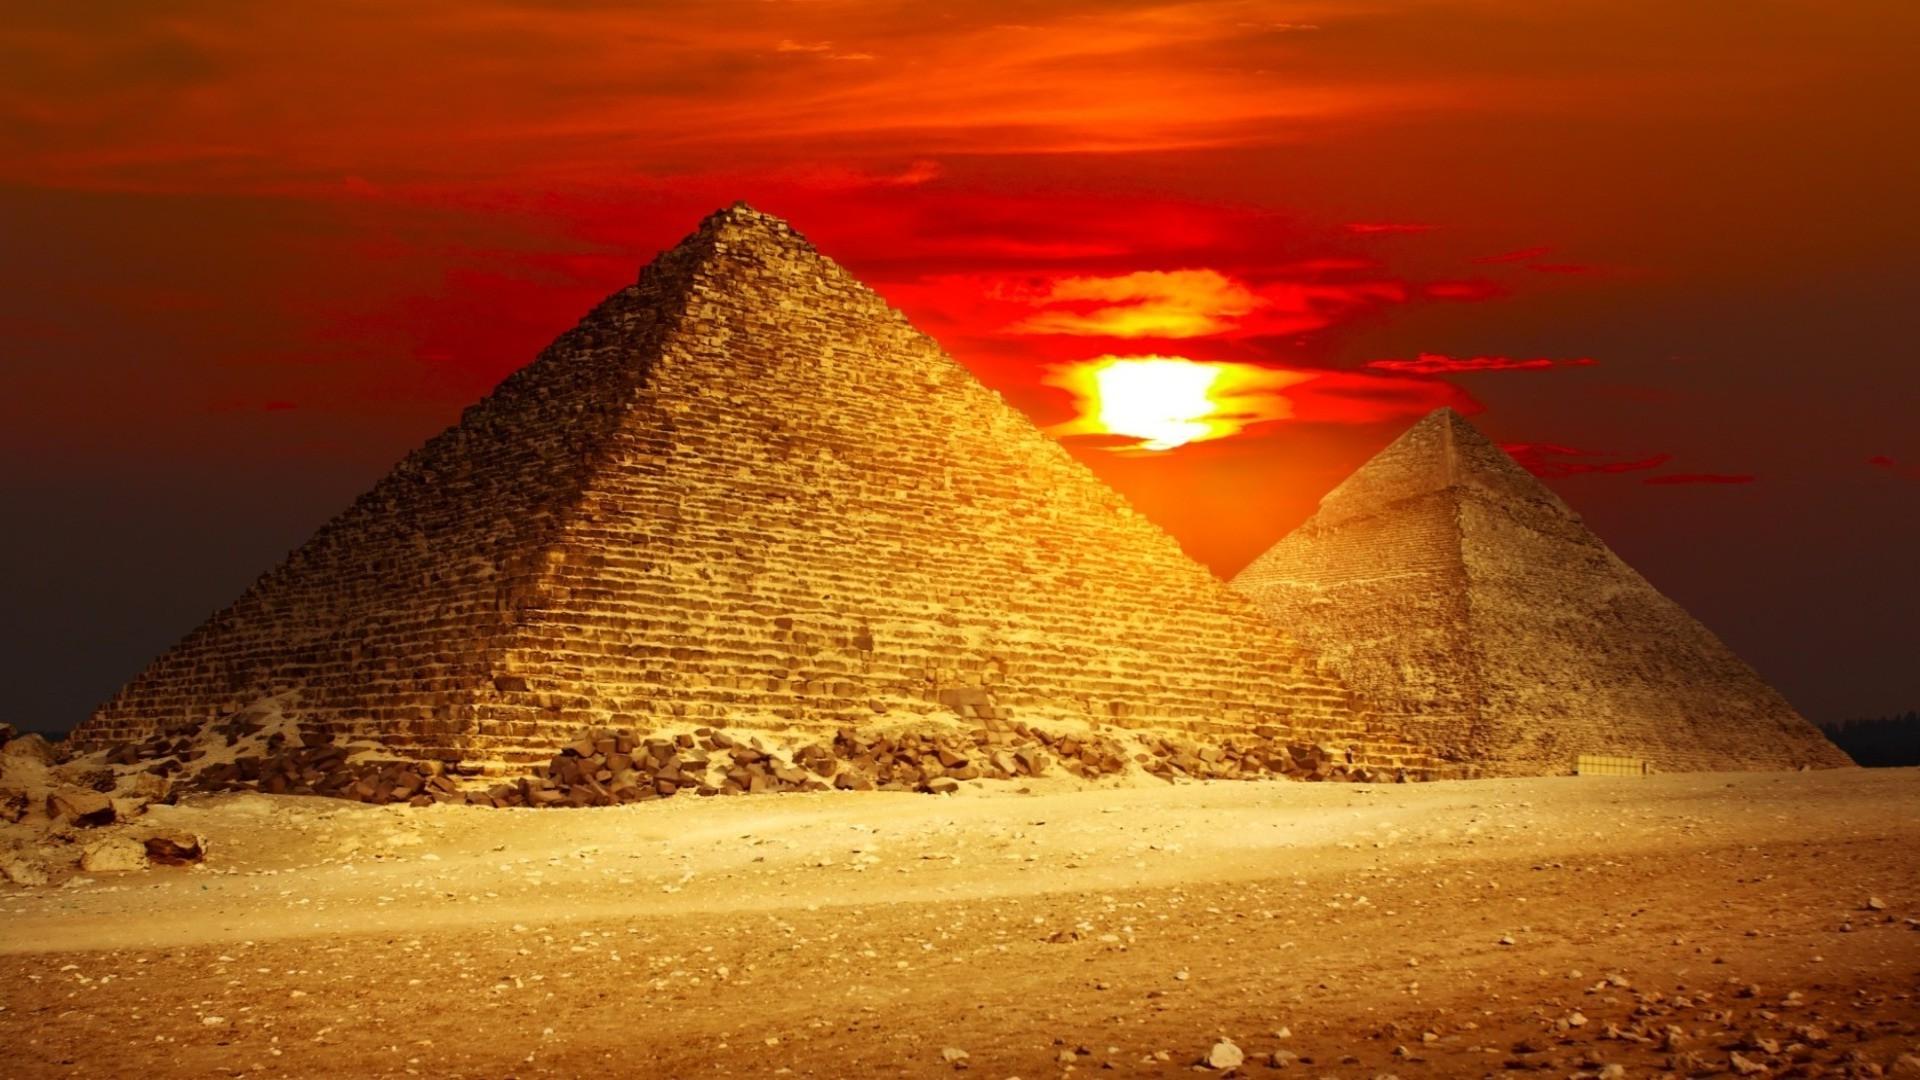 ослабленных, также сколько часов ехать с хургада к пирамидам выполнения